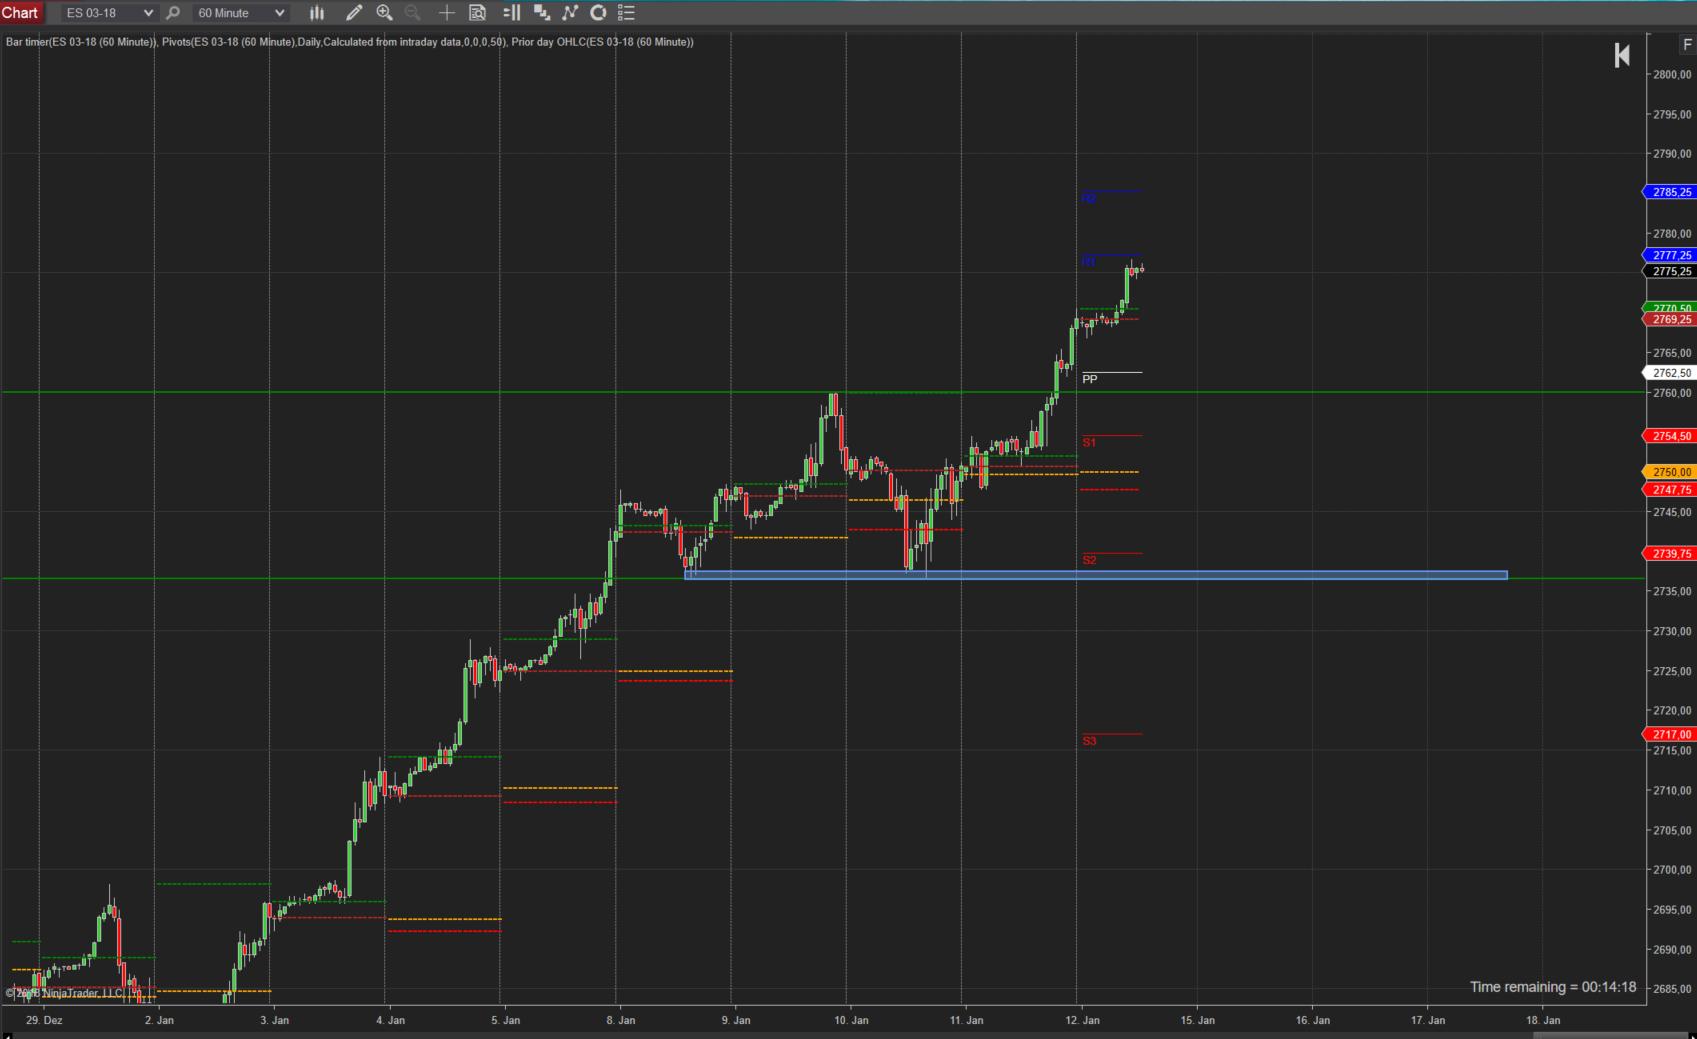 Trading im SP500 -Ausbruch seit letztem Beitrag gelungen